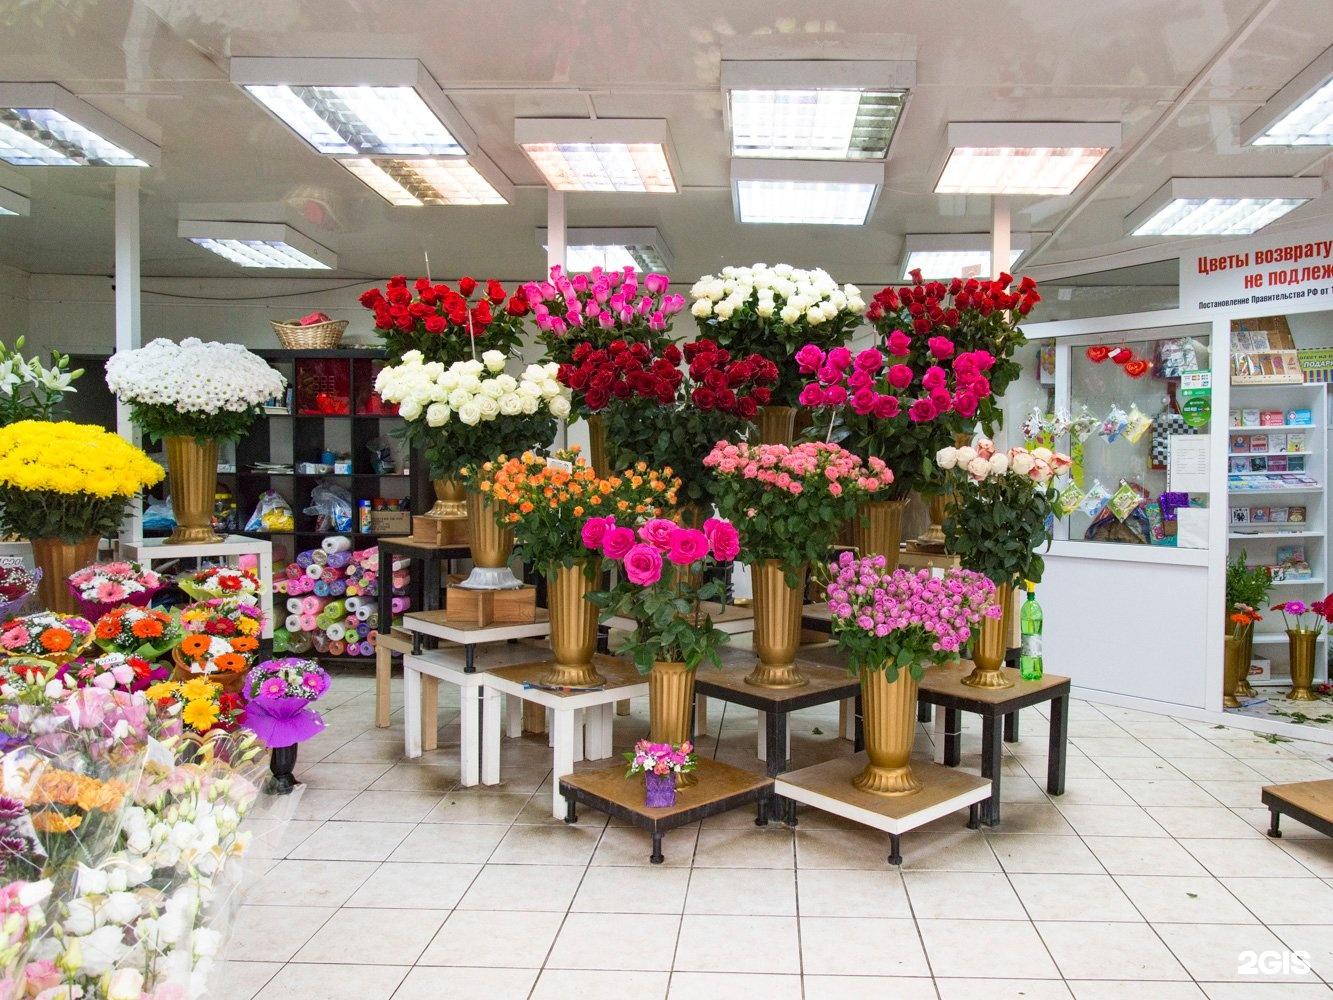 Цветов, цветы в краснодаре где купить